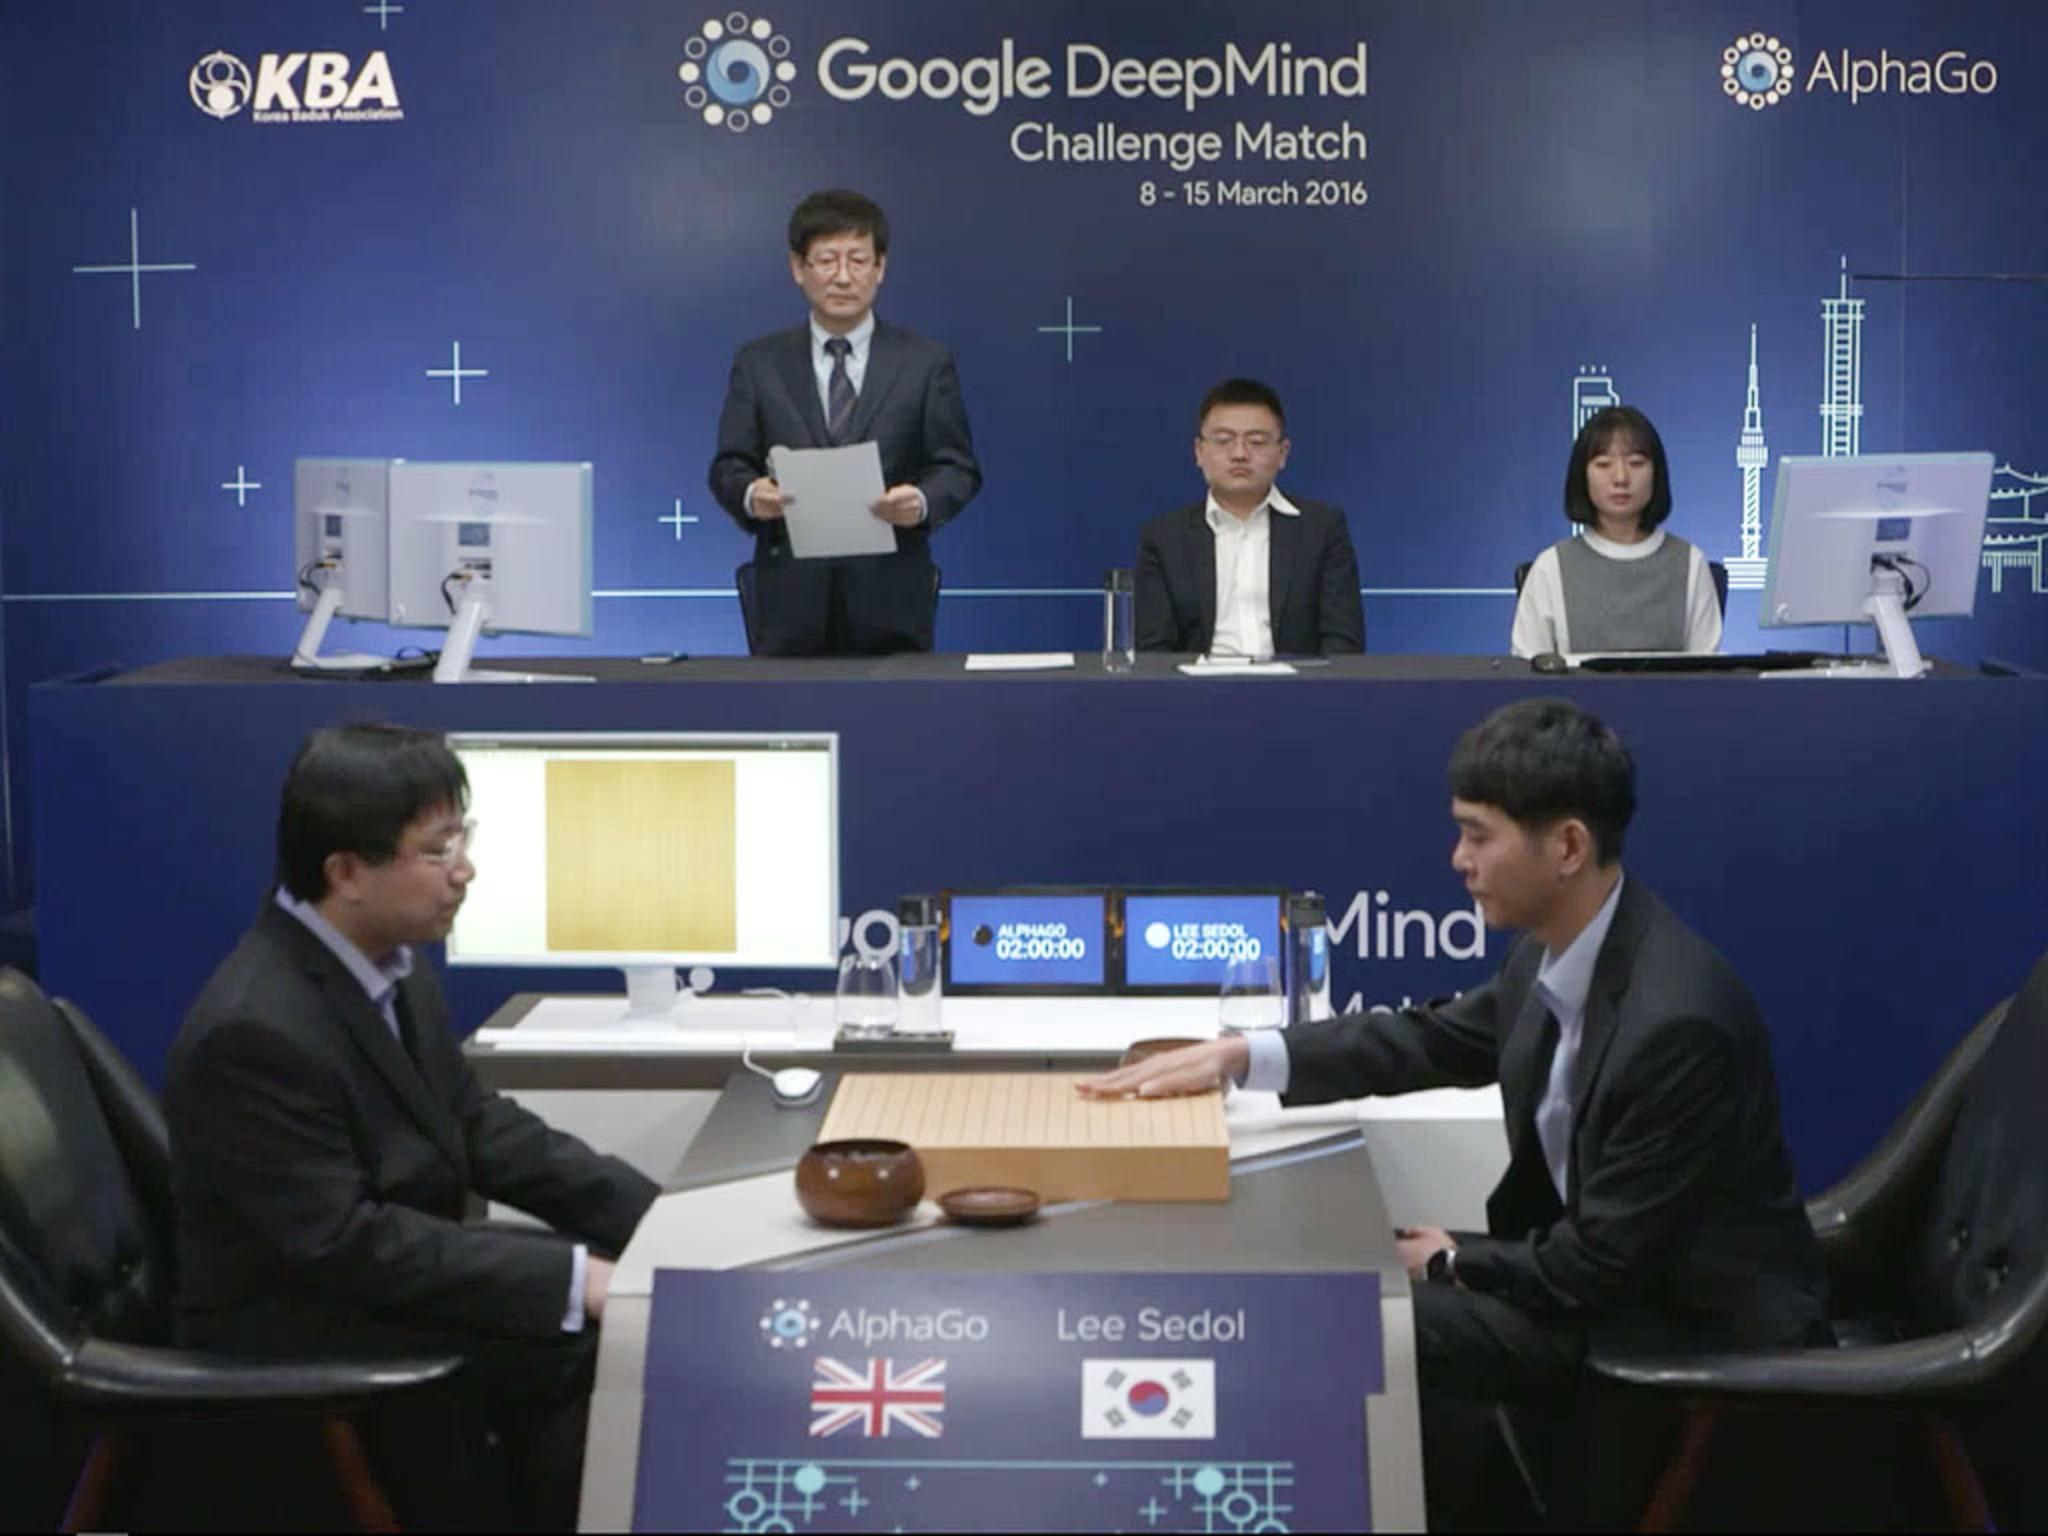 AlphaGo hat Go-Weltmeister Lee Sedol zum dritten Mal in Folge geschlagen.